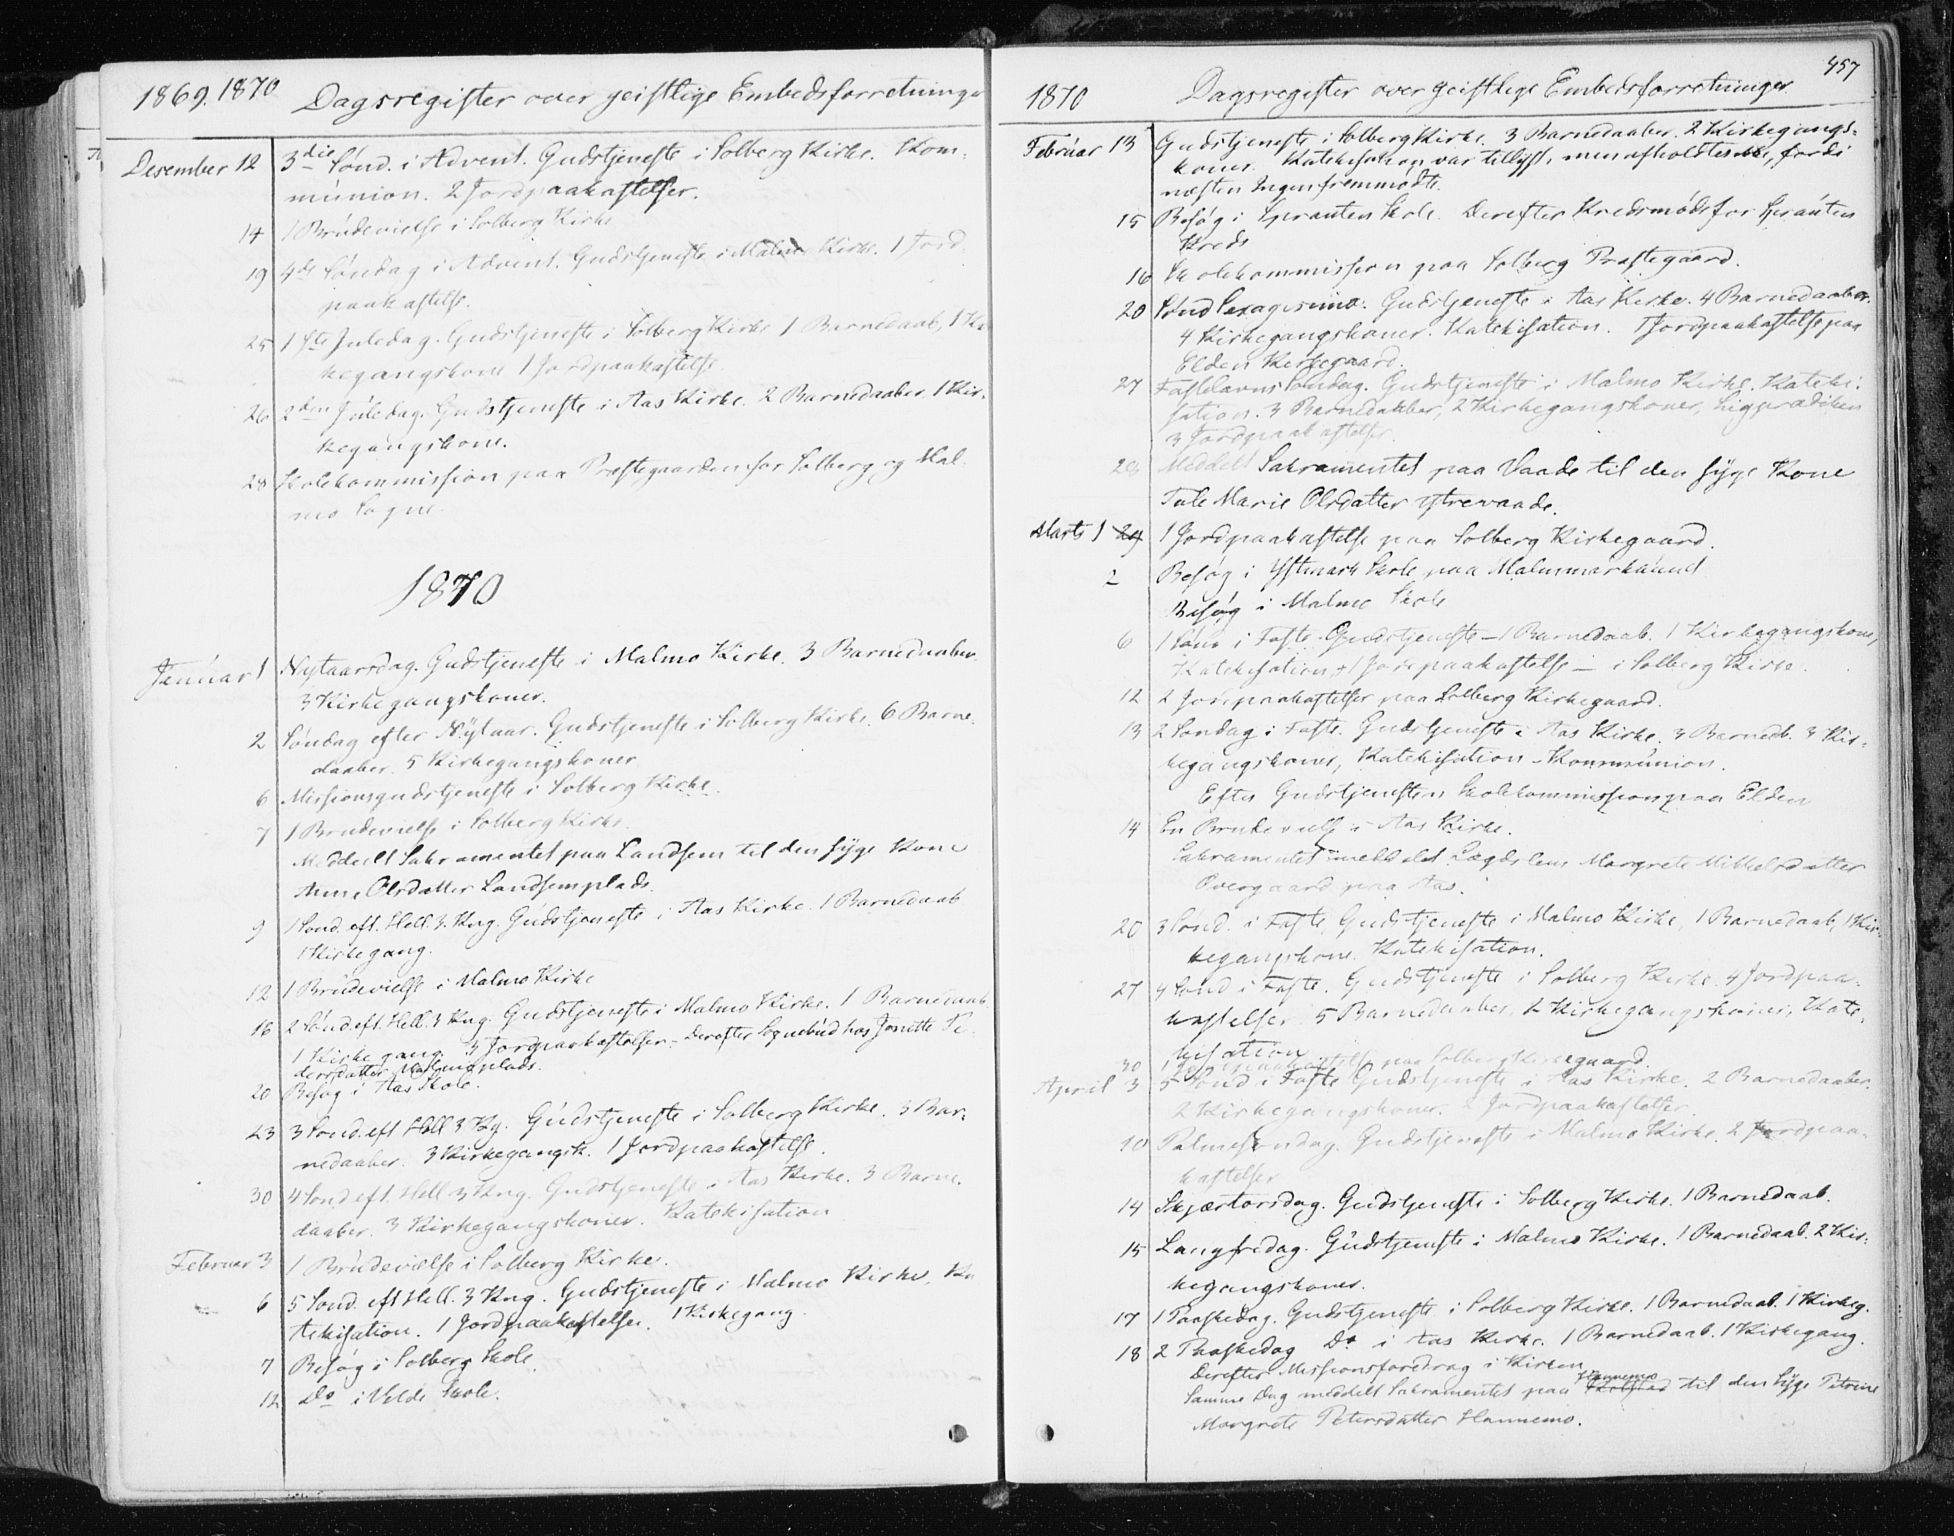 SAT, Ministerialprotokoller, klokkerbøker og fødselsregistre - Nord-Trøndelag, 741/L0394: Ministerialbok nr. 741A08, 1864-1877, s. 457